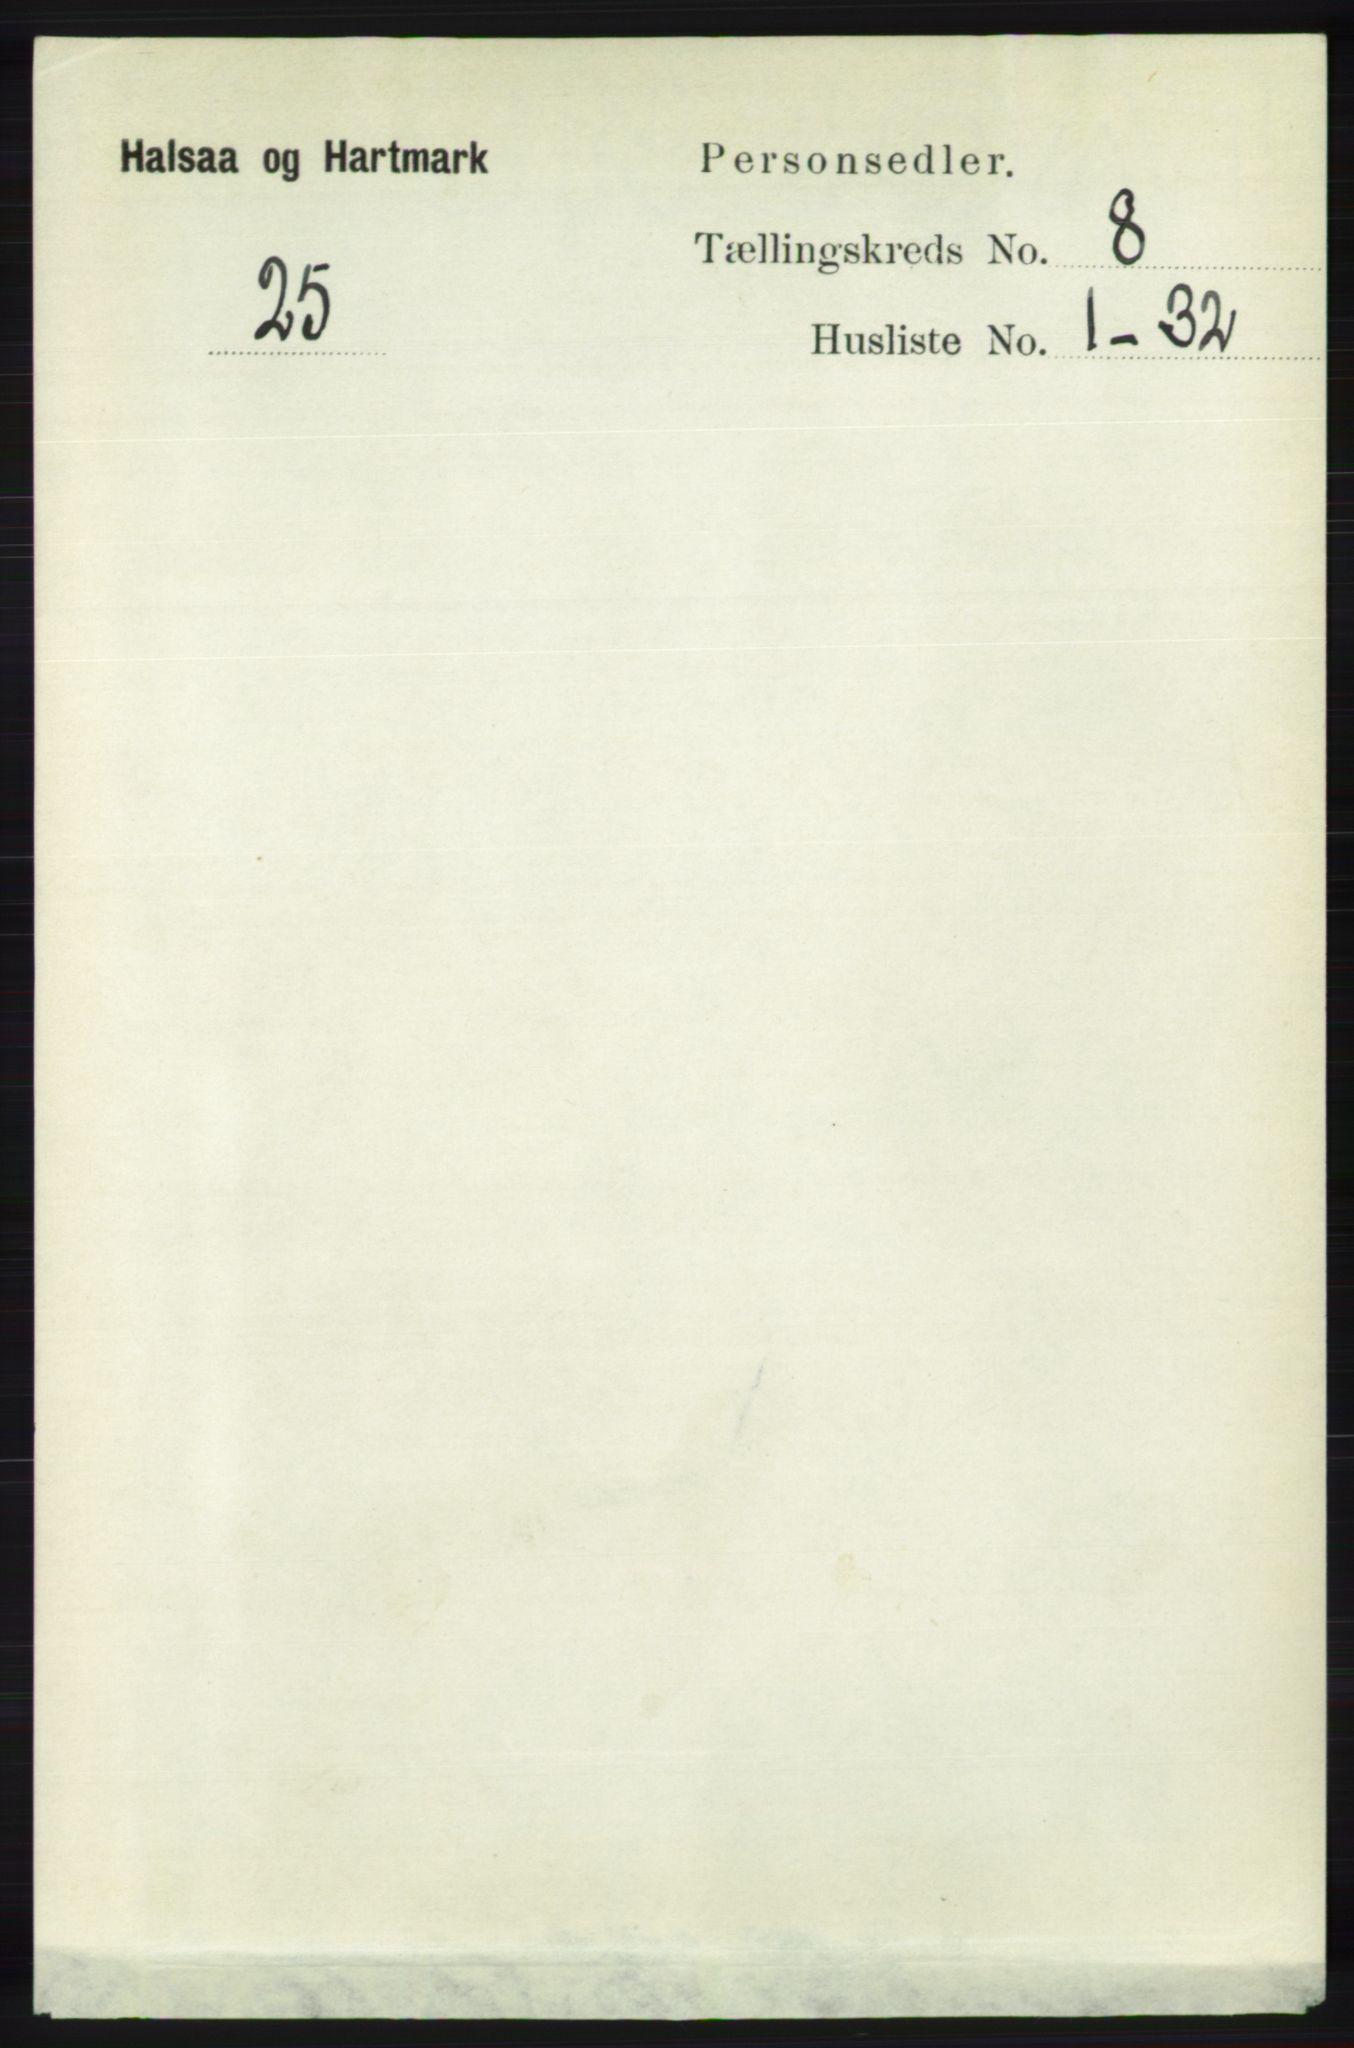 RA, Folketelling 1891 for 1019 Halse og Harkmark herred, 1891, s. 3253